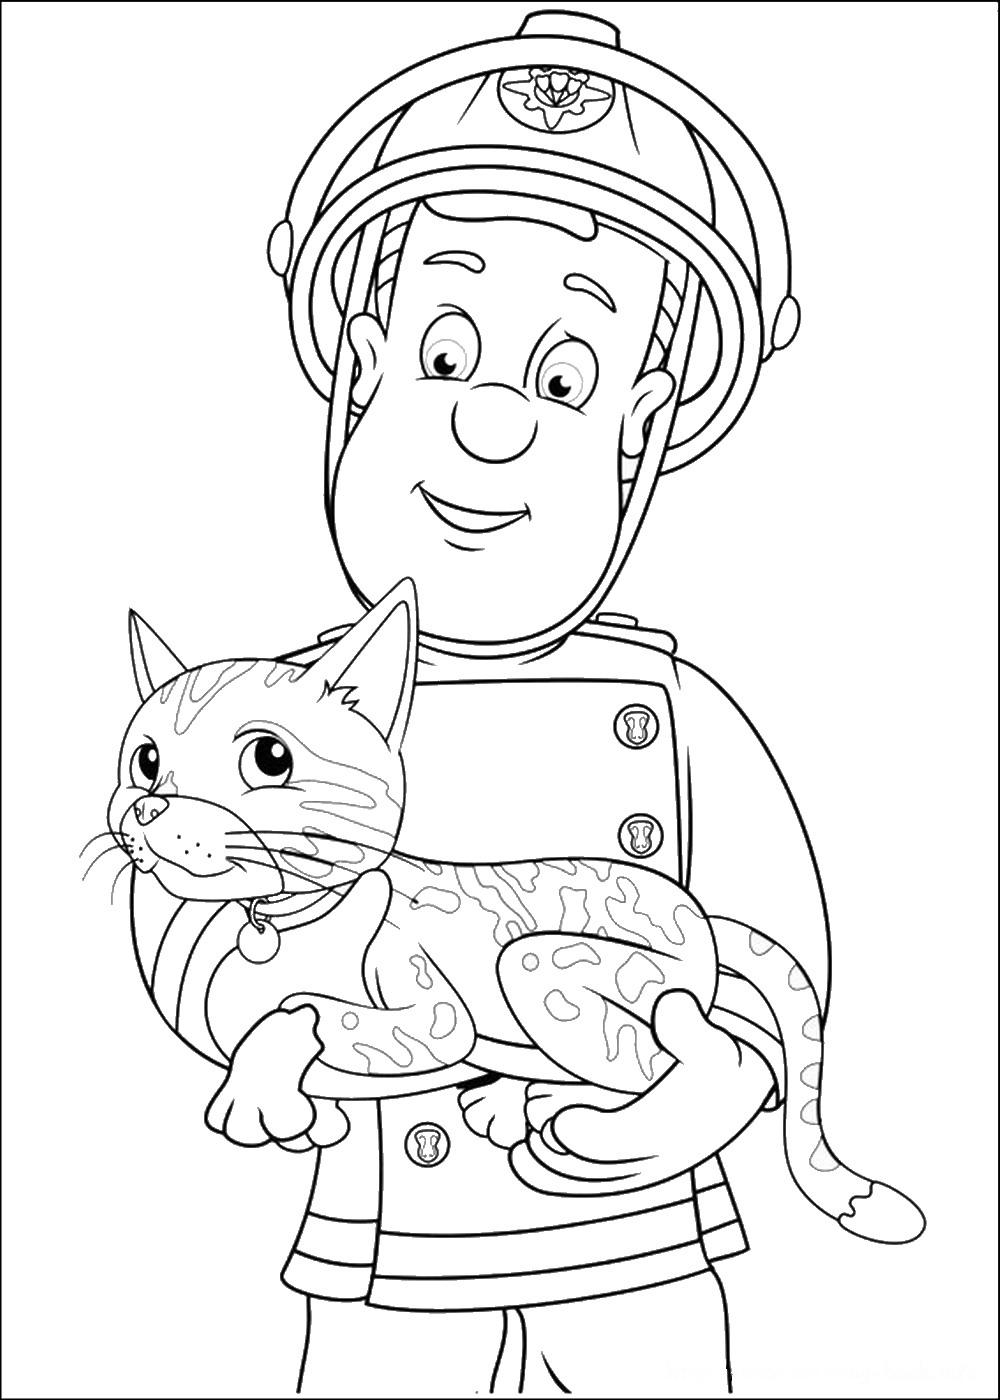 110 Dessins De Coloriage Sam Le Pompier à Imprimer